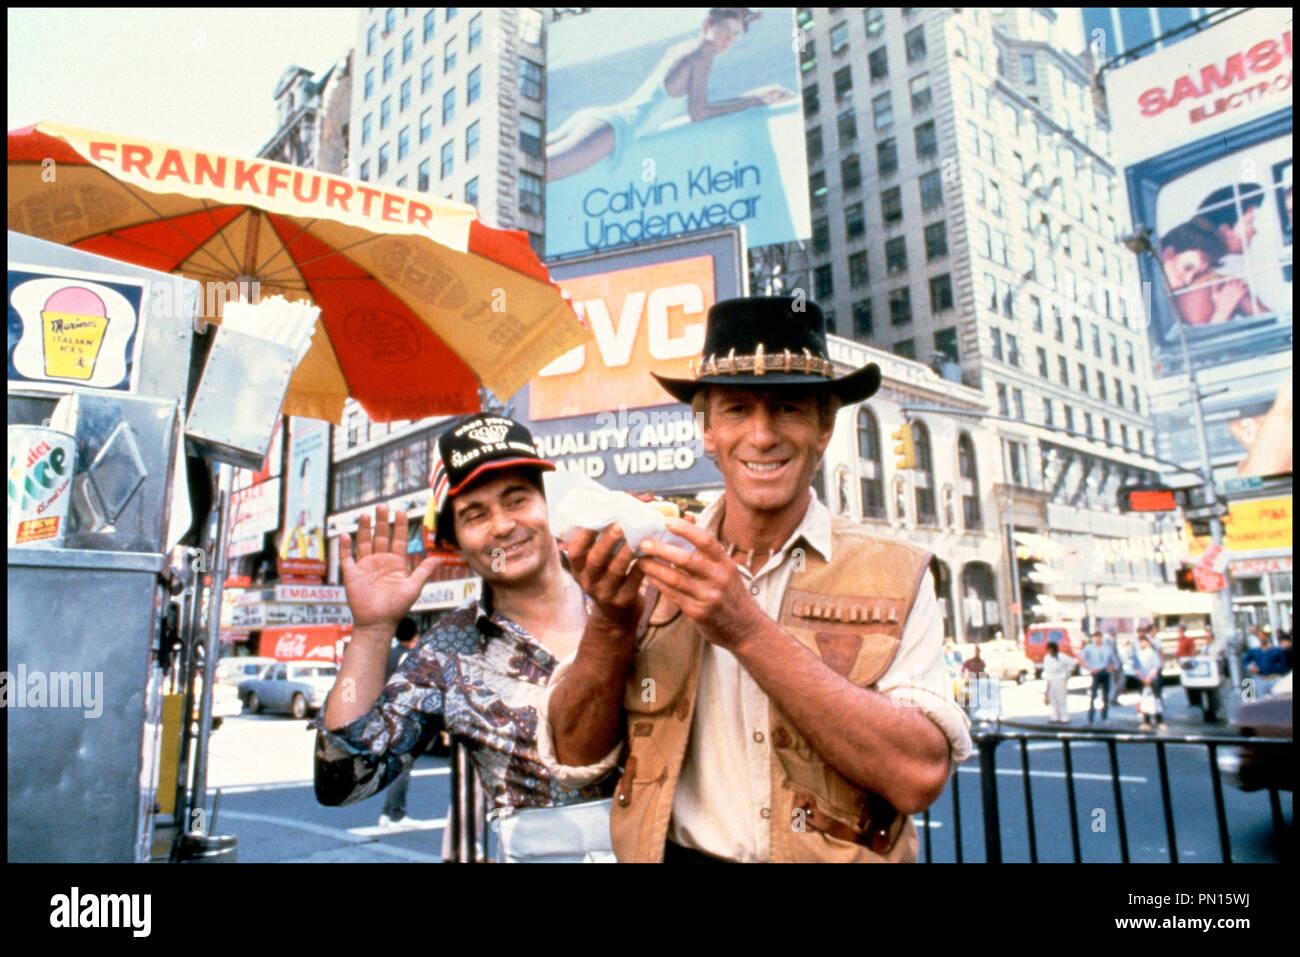 Prod DB © Paramount Pictures / DR CROCODILE DUNDEE de Peter Faiman 1986 AUS avec Paul Hogan aventurier, chapeau, sandwich, ville, calvin klein, hot dog, times square, new york city - Stock Image